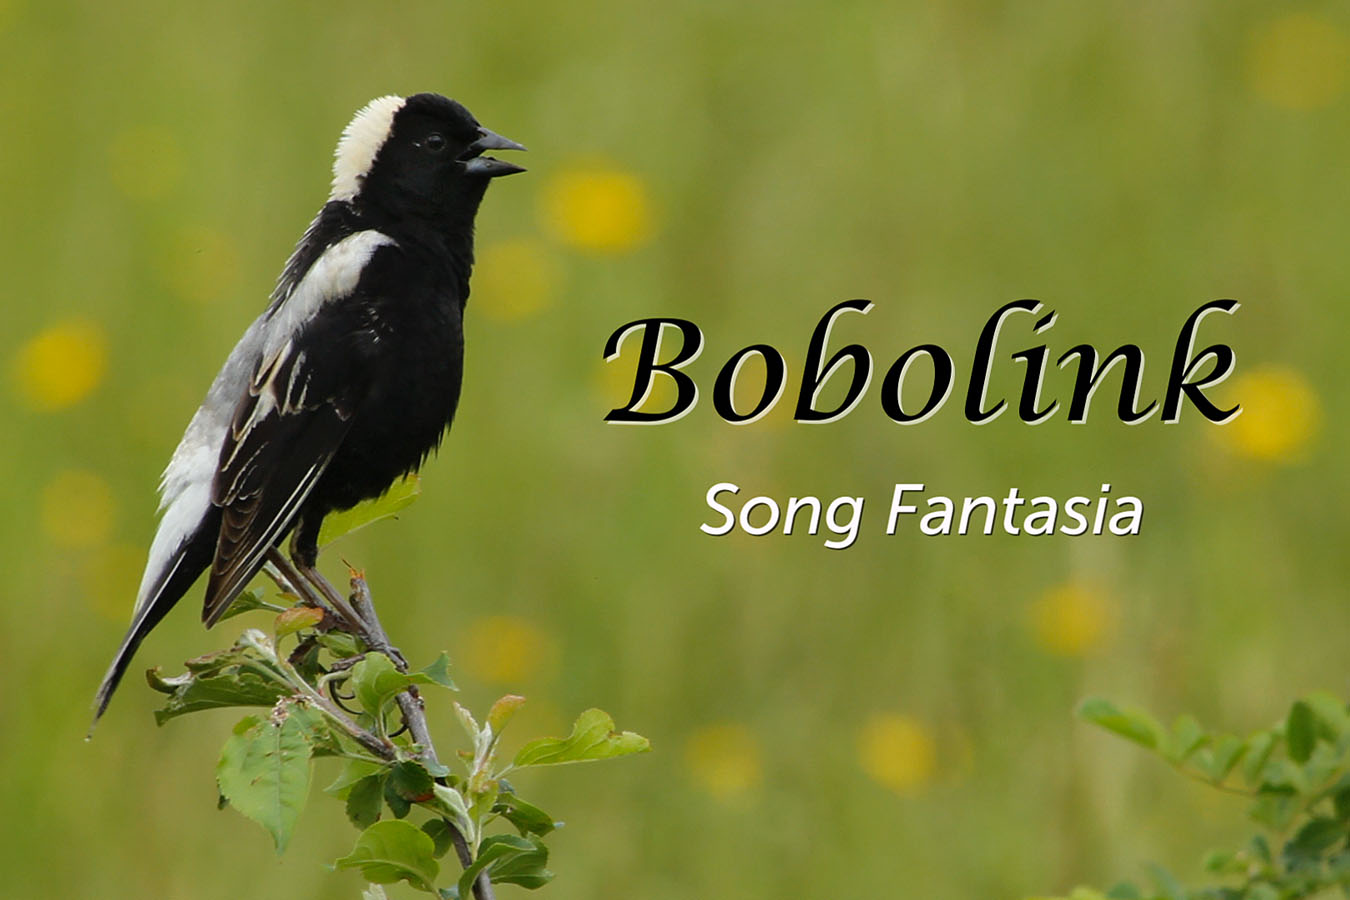 Bobolink - featured image © Lang Elliott